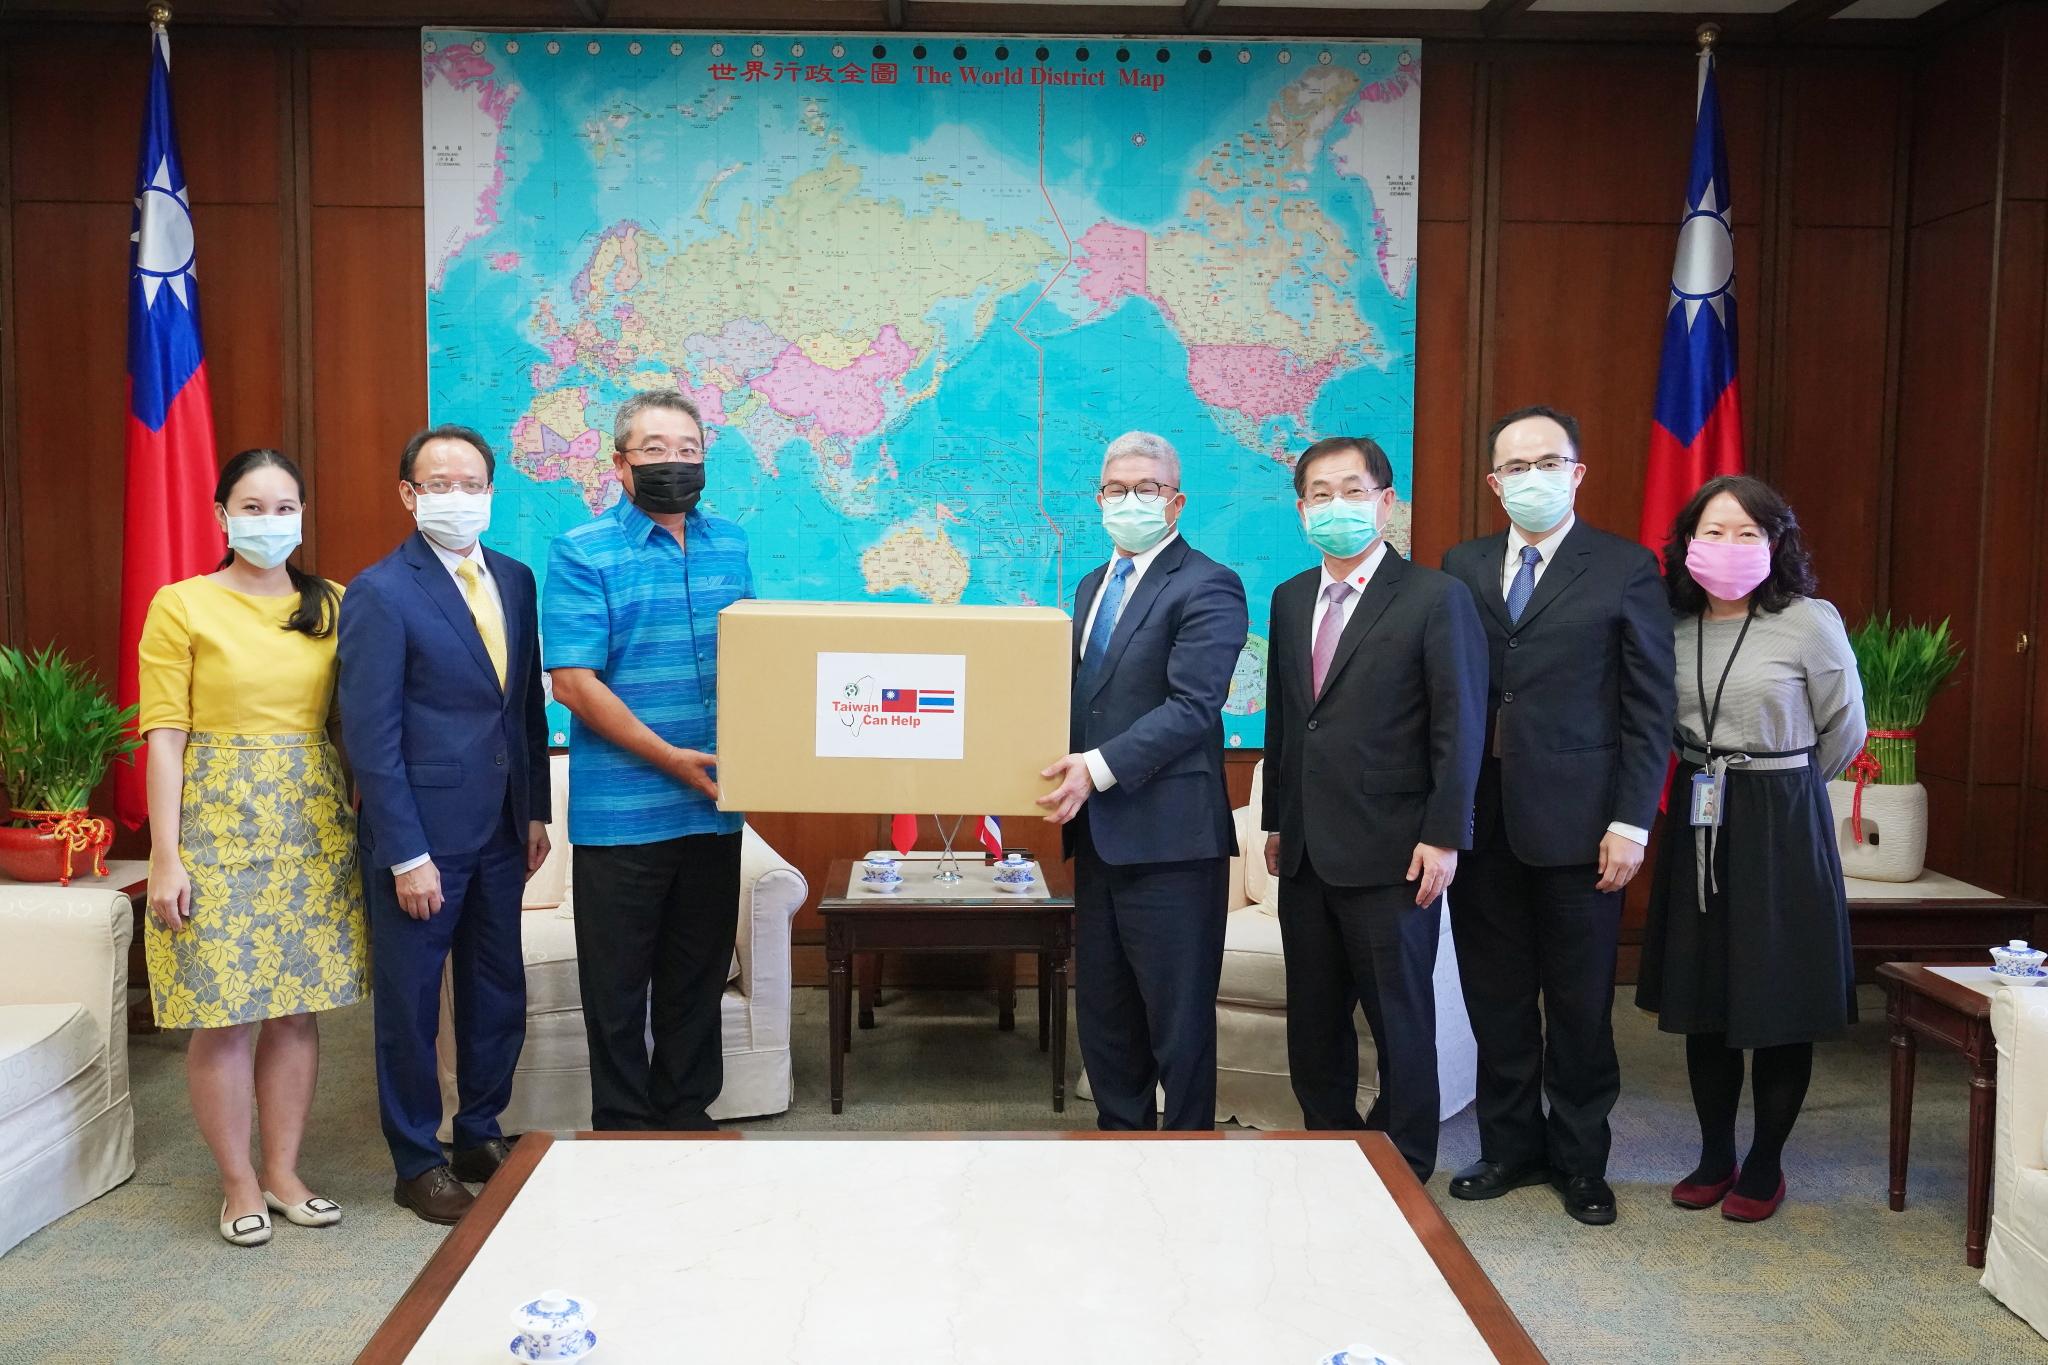 圖二:外交部政務次長徐斯儉(右4)本年4月20日下午代表我政府捐贈泰國醫療口罩予泰國貿易經濟辦事處代表通才(左3),亞太司司長葛葆萱(右3)及泰國駐臺副代表陸譽升(Phubadi La-Or-ngern,左2)均出席見證。.JPG